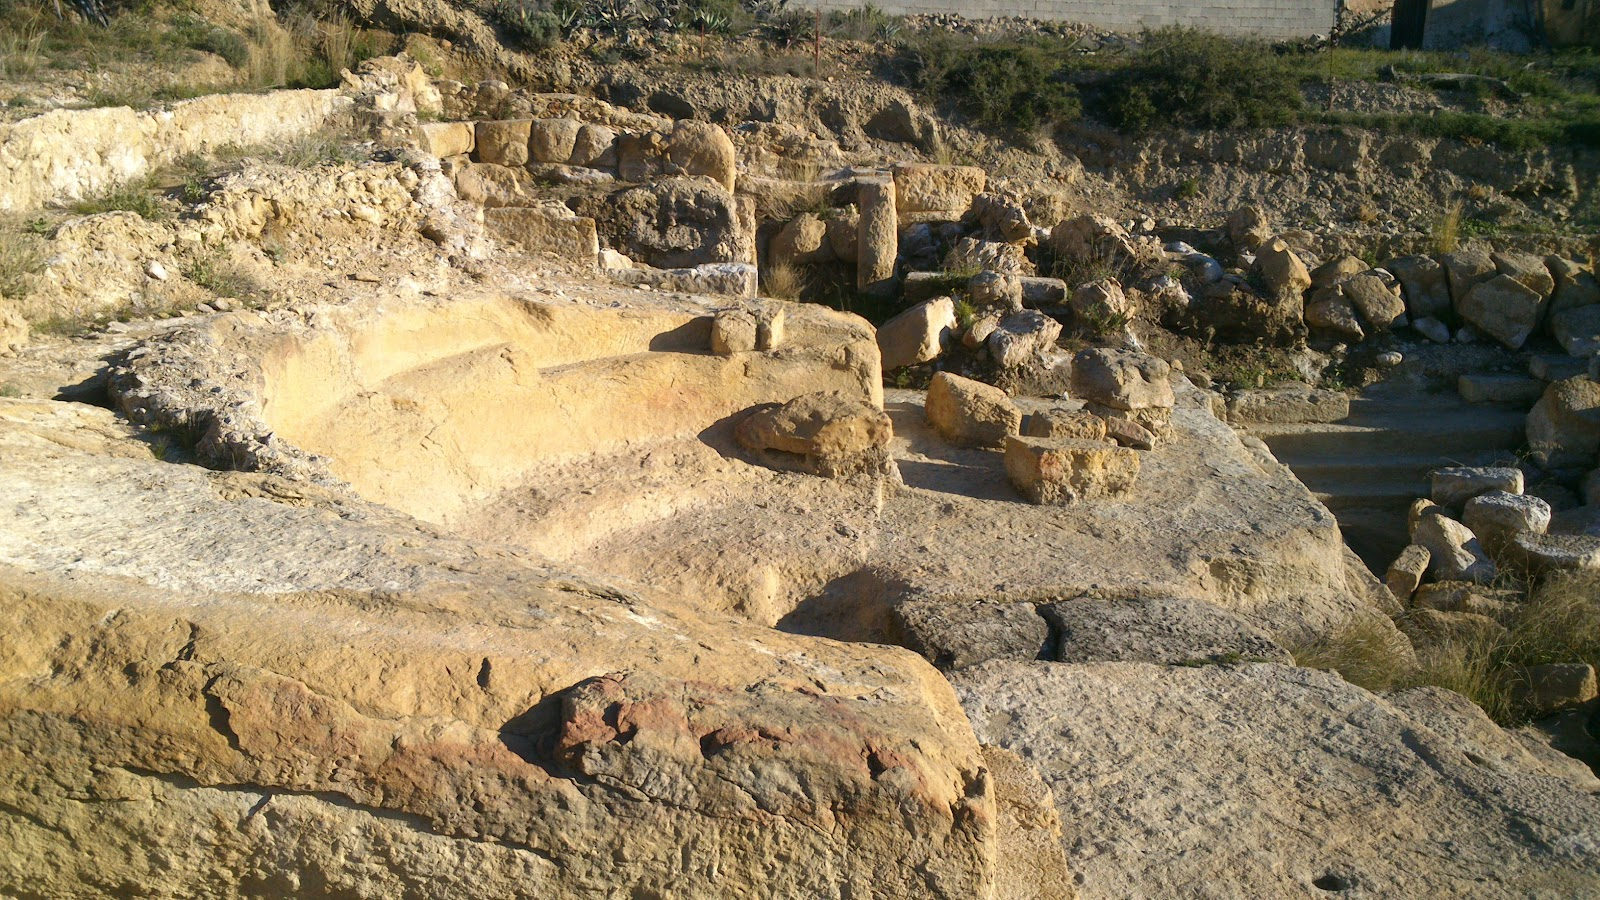 Baños Romanos Andalucia: la Sierra de Baños, visita a la cueva negra y los baños romanos